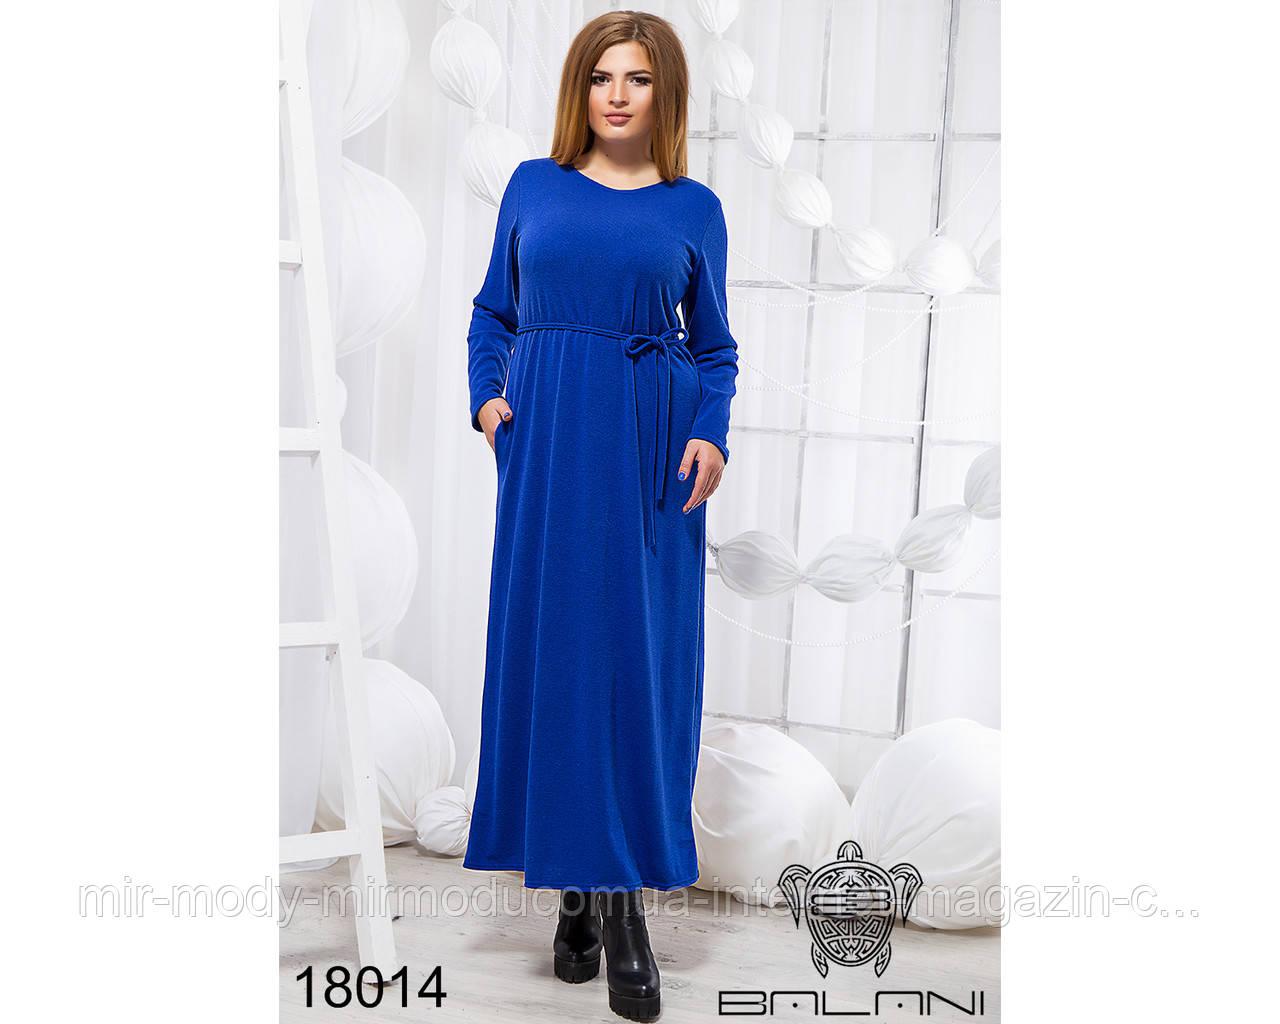 Стильное платье в пол - 18014